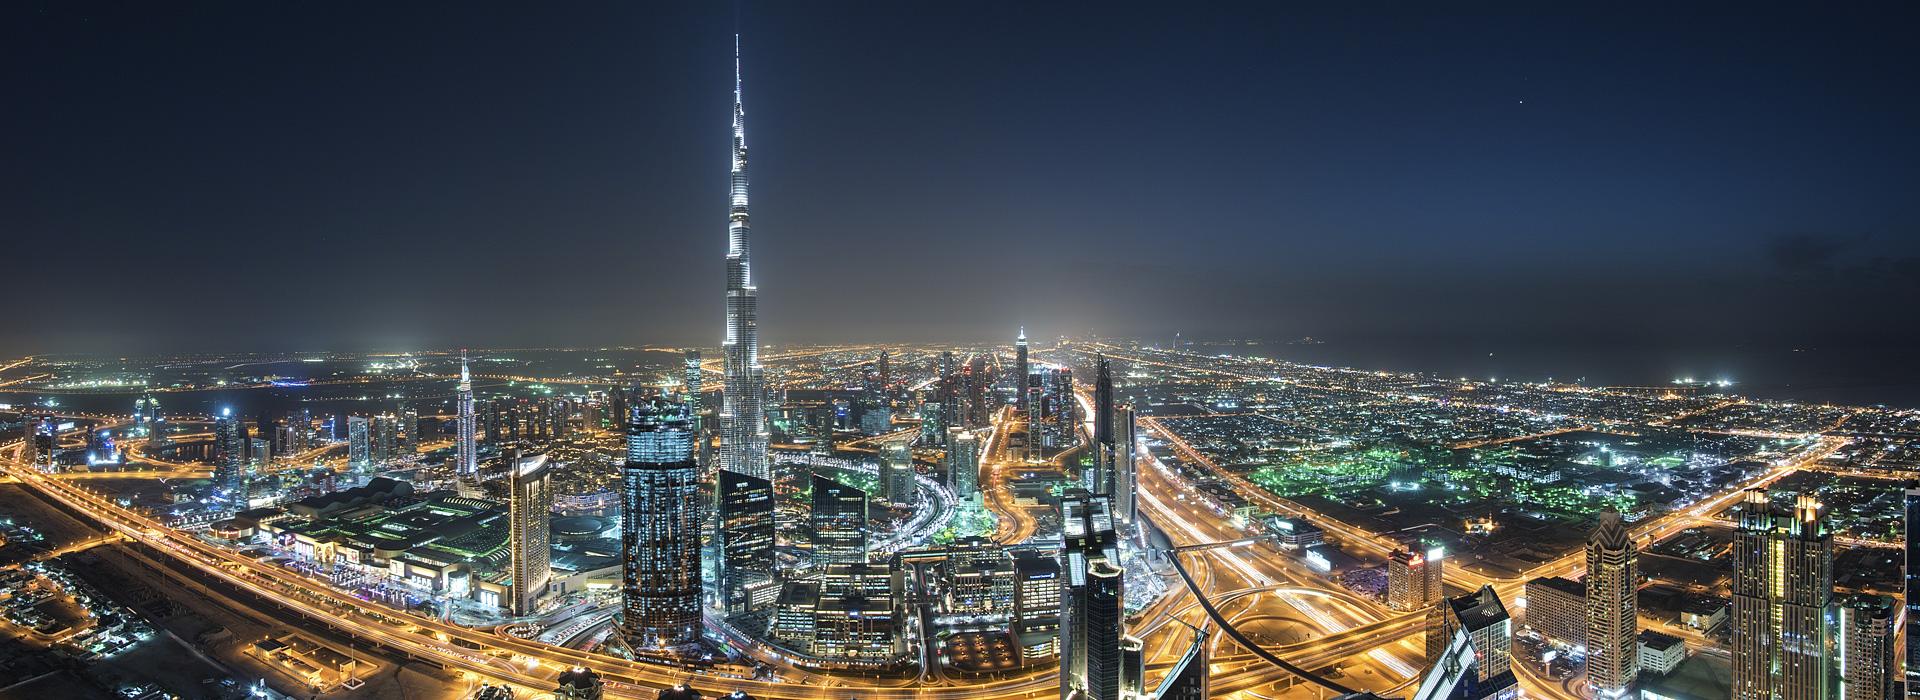 Dubai Visado Online - Emiratos Árabes Unidos